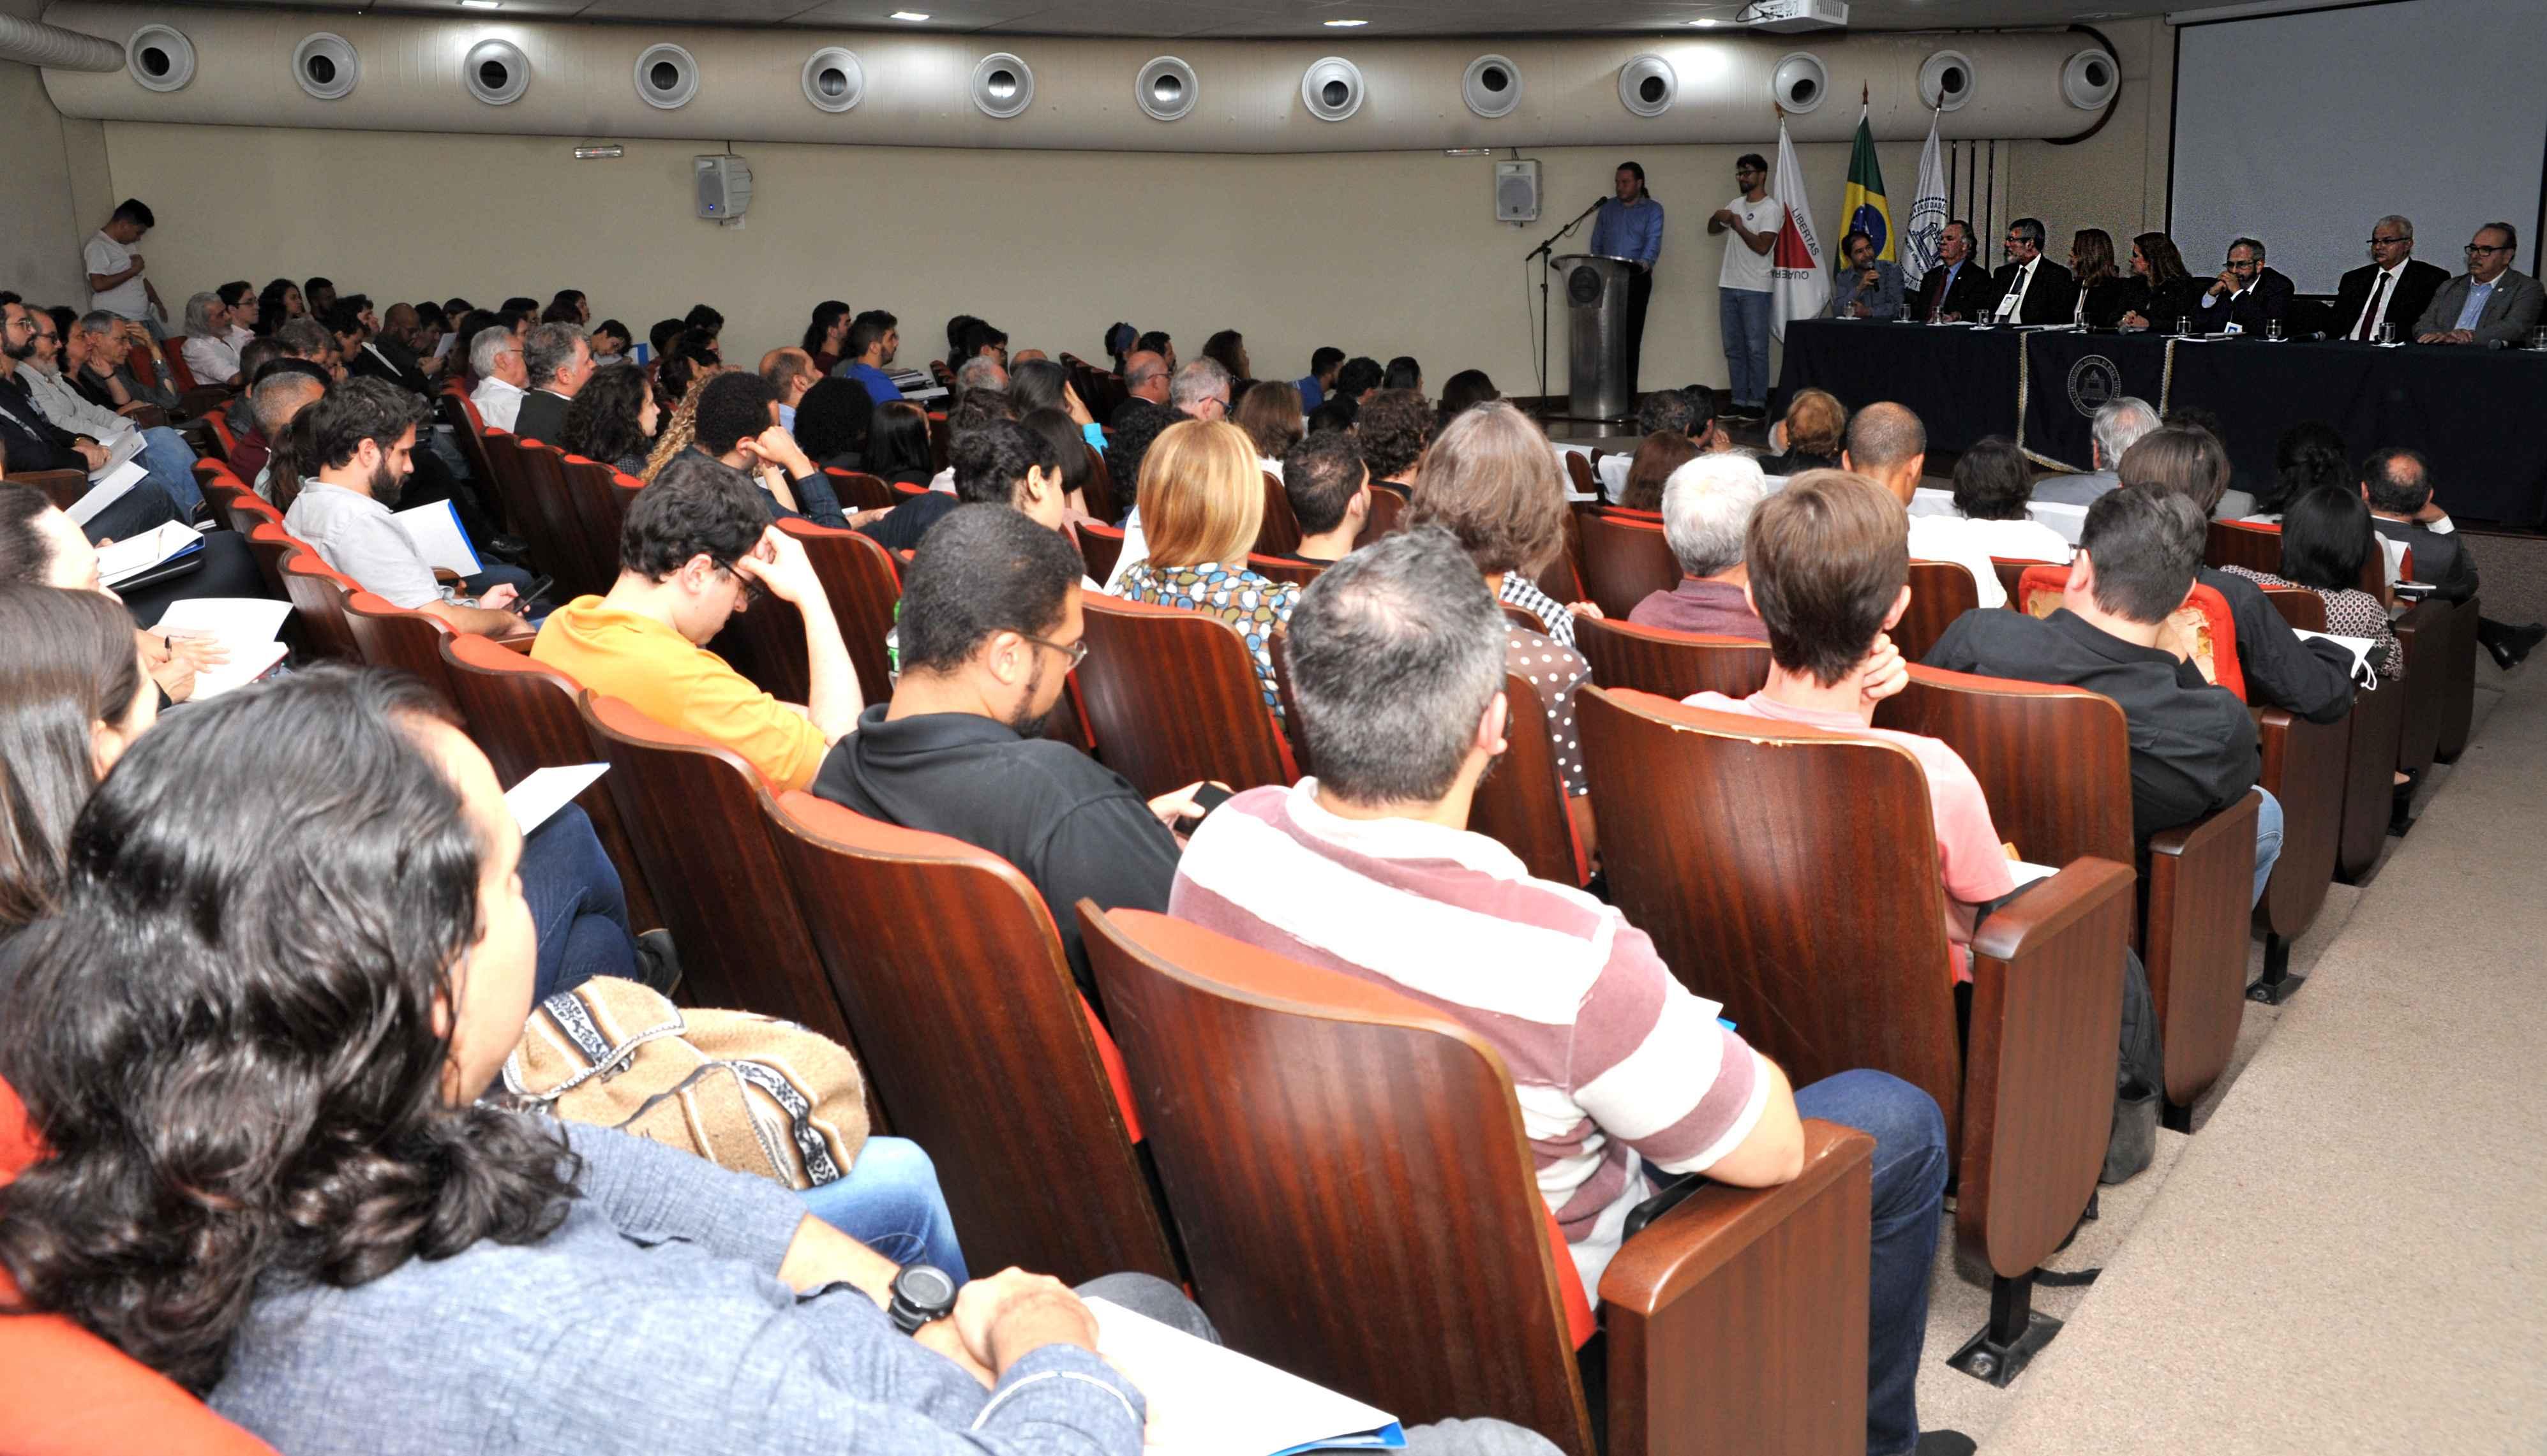 Público lotou auditório 1 da Faculdade de Ciências Econômicas, que em seguida receberia conferência do jurista, historiador e diplomata Rubens Ricupero